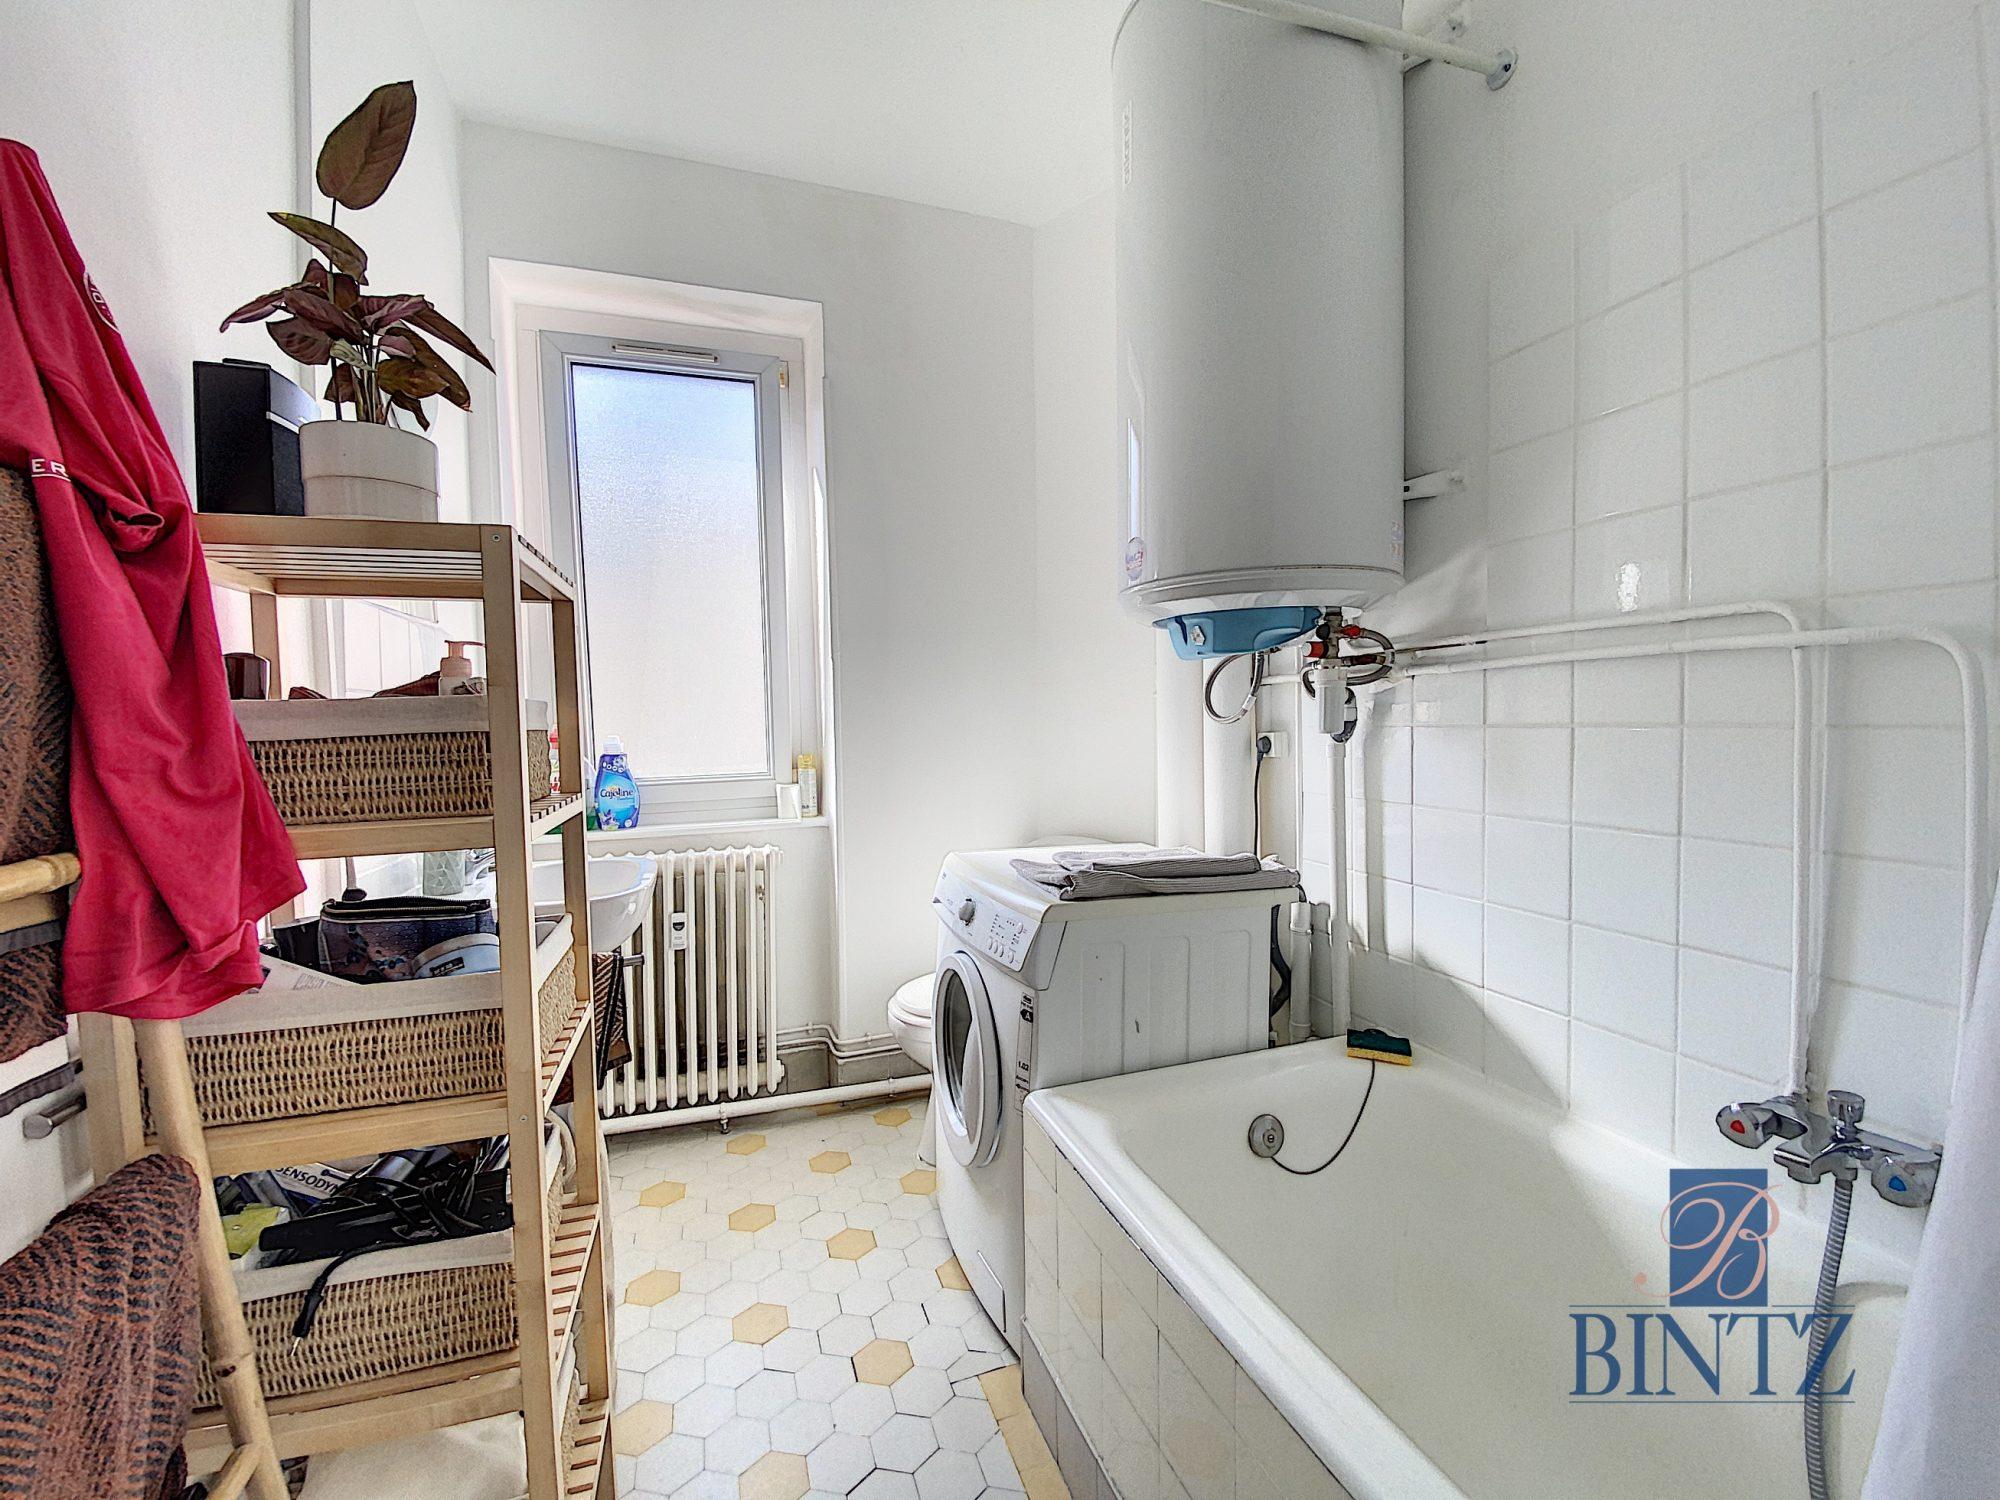 2 PIECES AVEC BALCON KRUTENAU - Devenez locataire en toute sérénité - Bintz Immobilier - 10